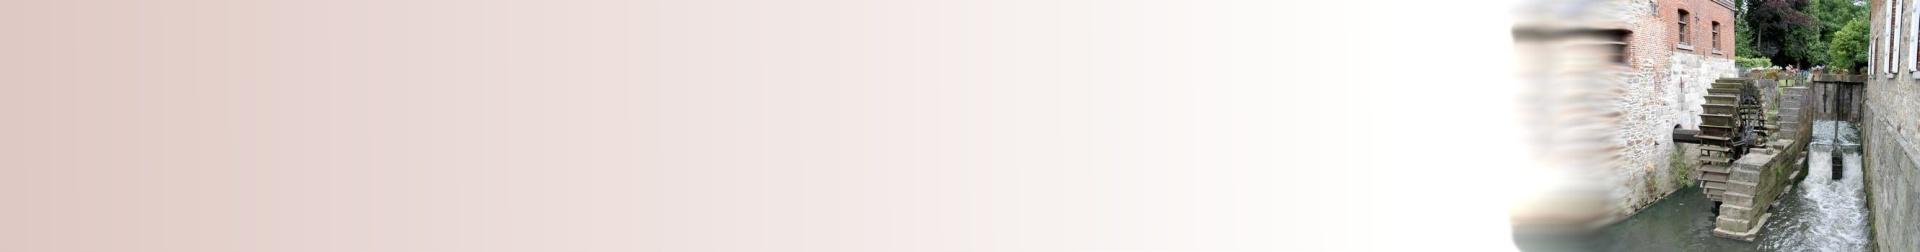 desanti-progettazione-impianti-banner